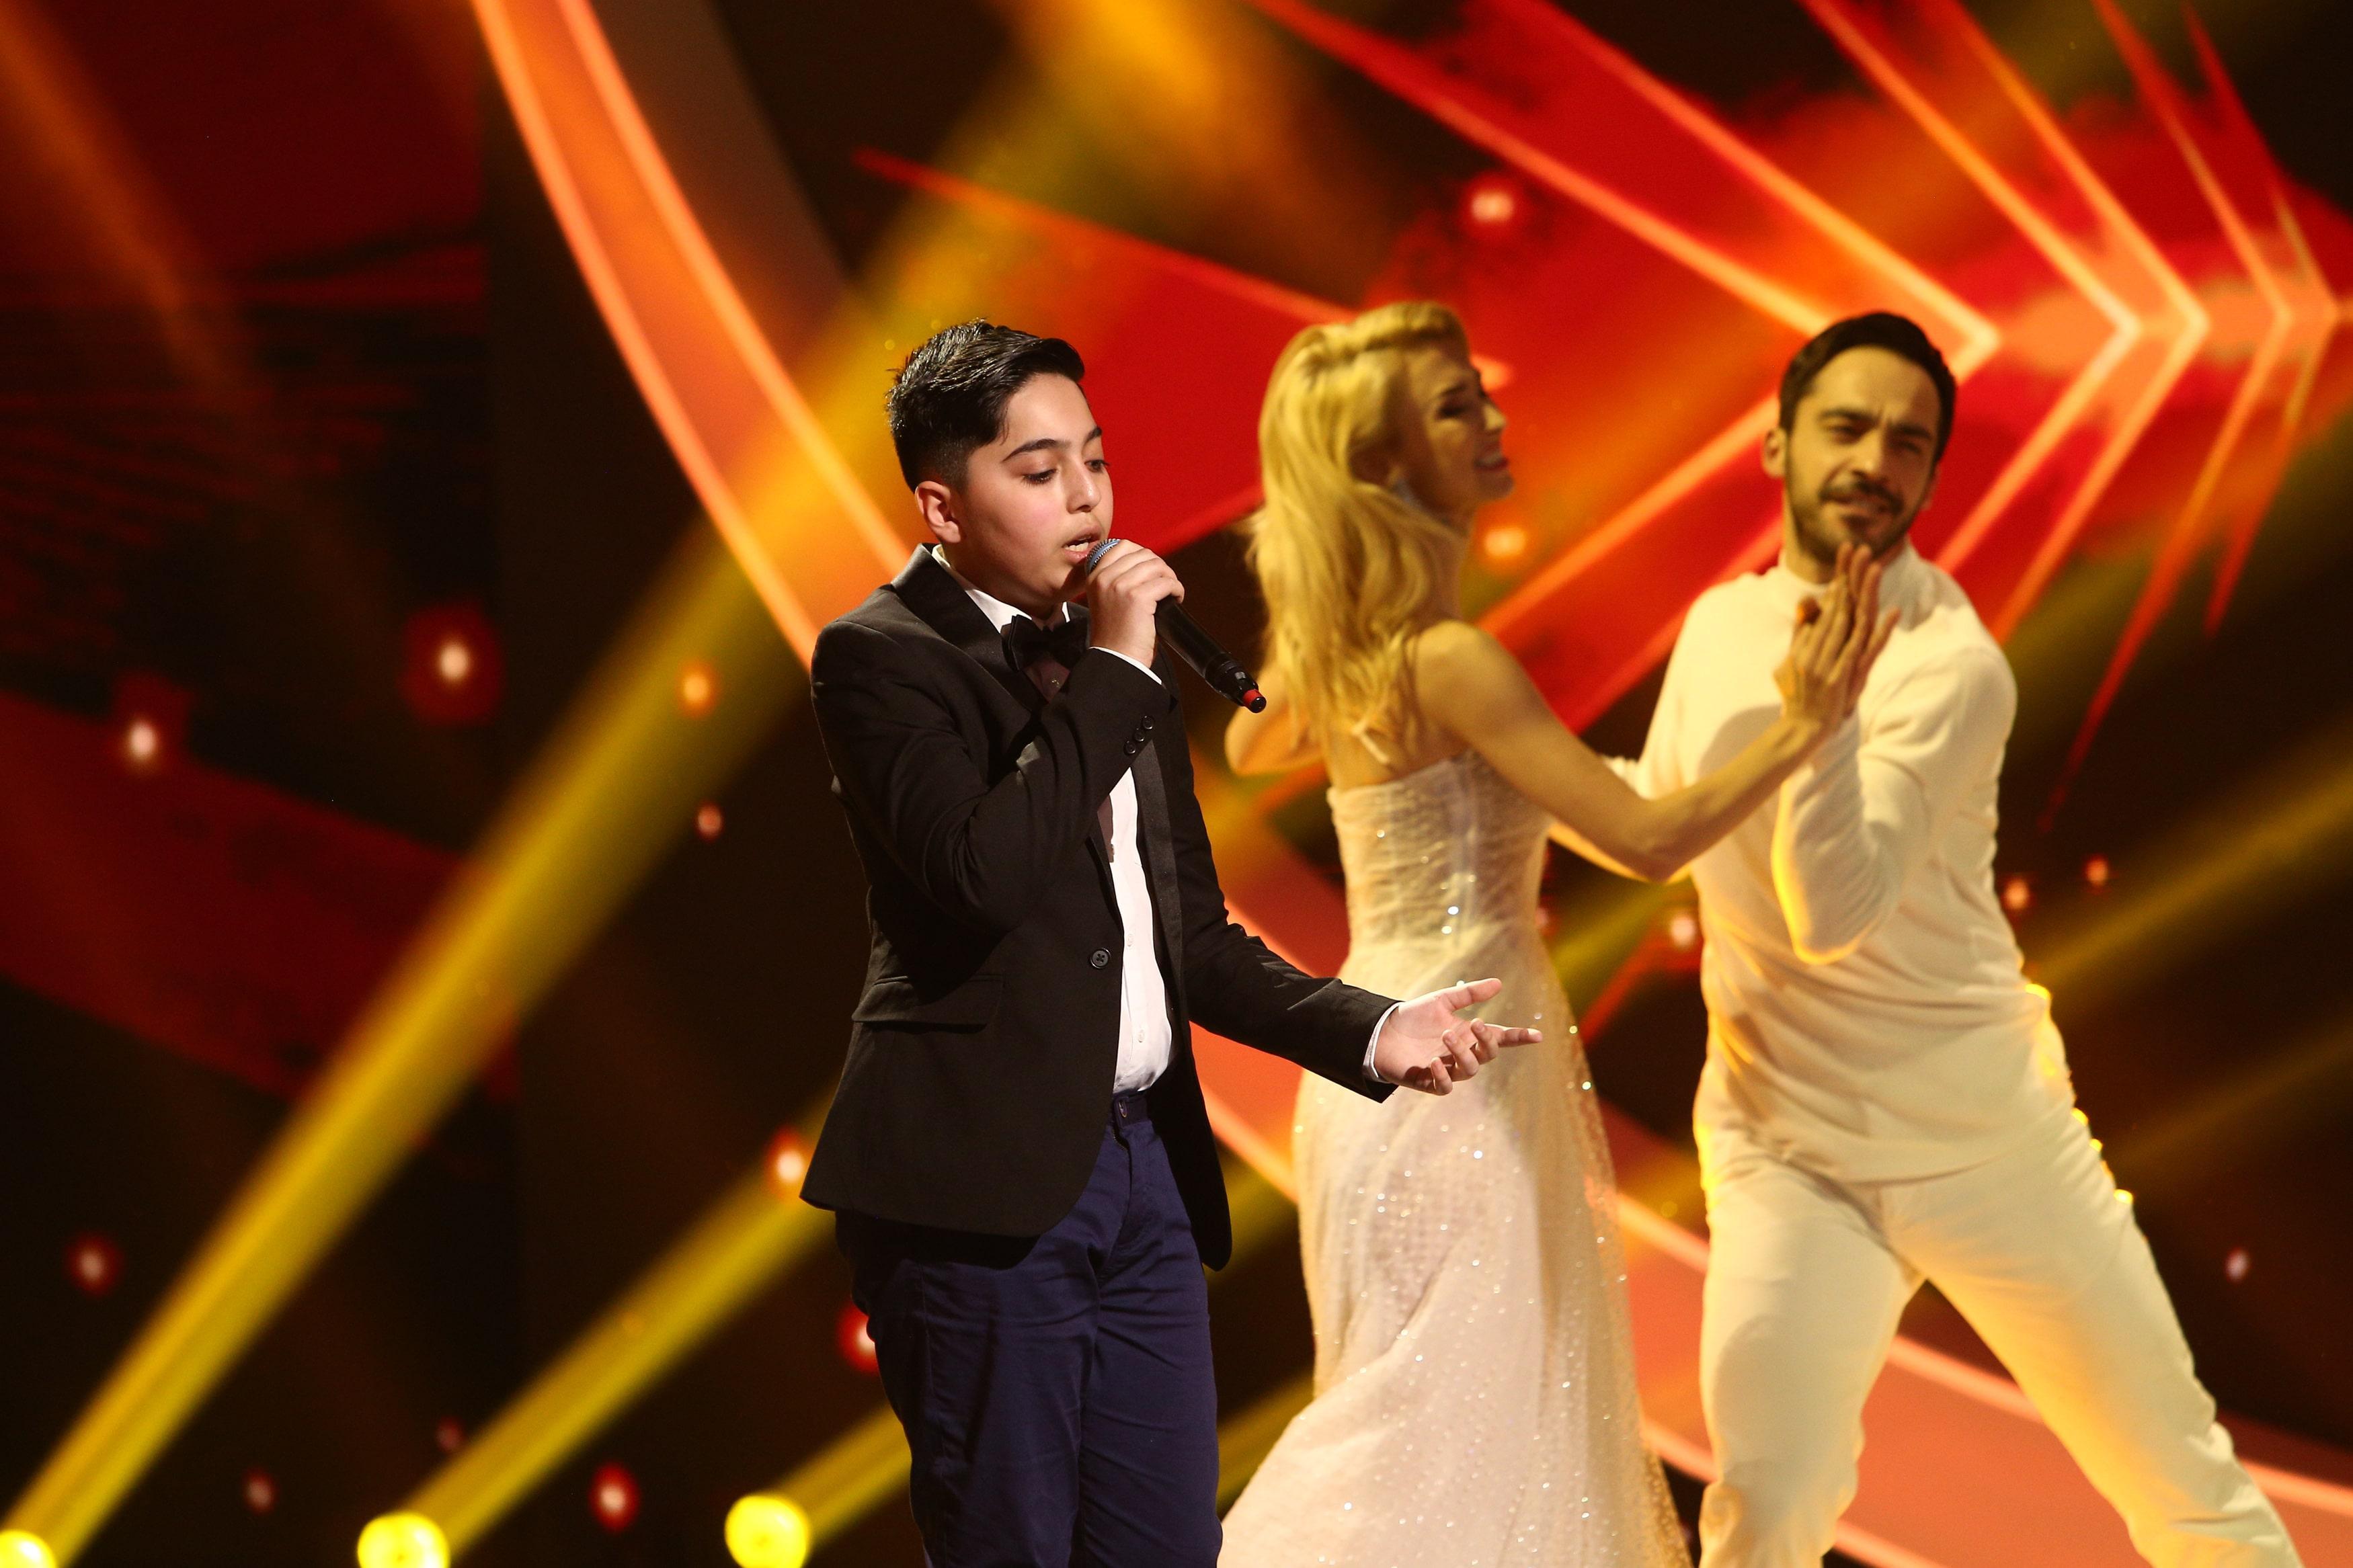 Finala Next Star 2021. David Dincă, alături de Andreea Bălan pe scenă. Cât de bine a cântat el. Juriul s-a ridicat în picioare